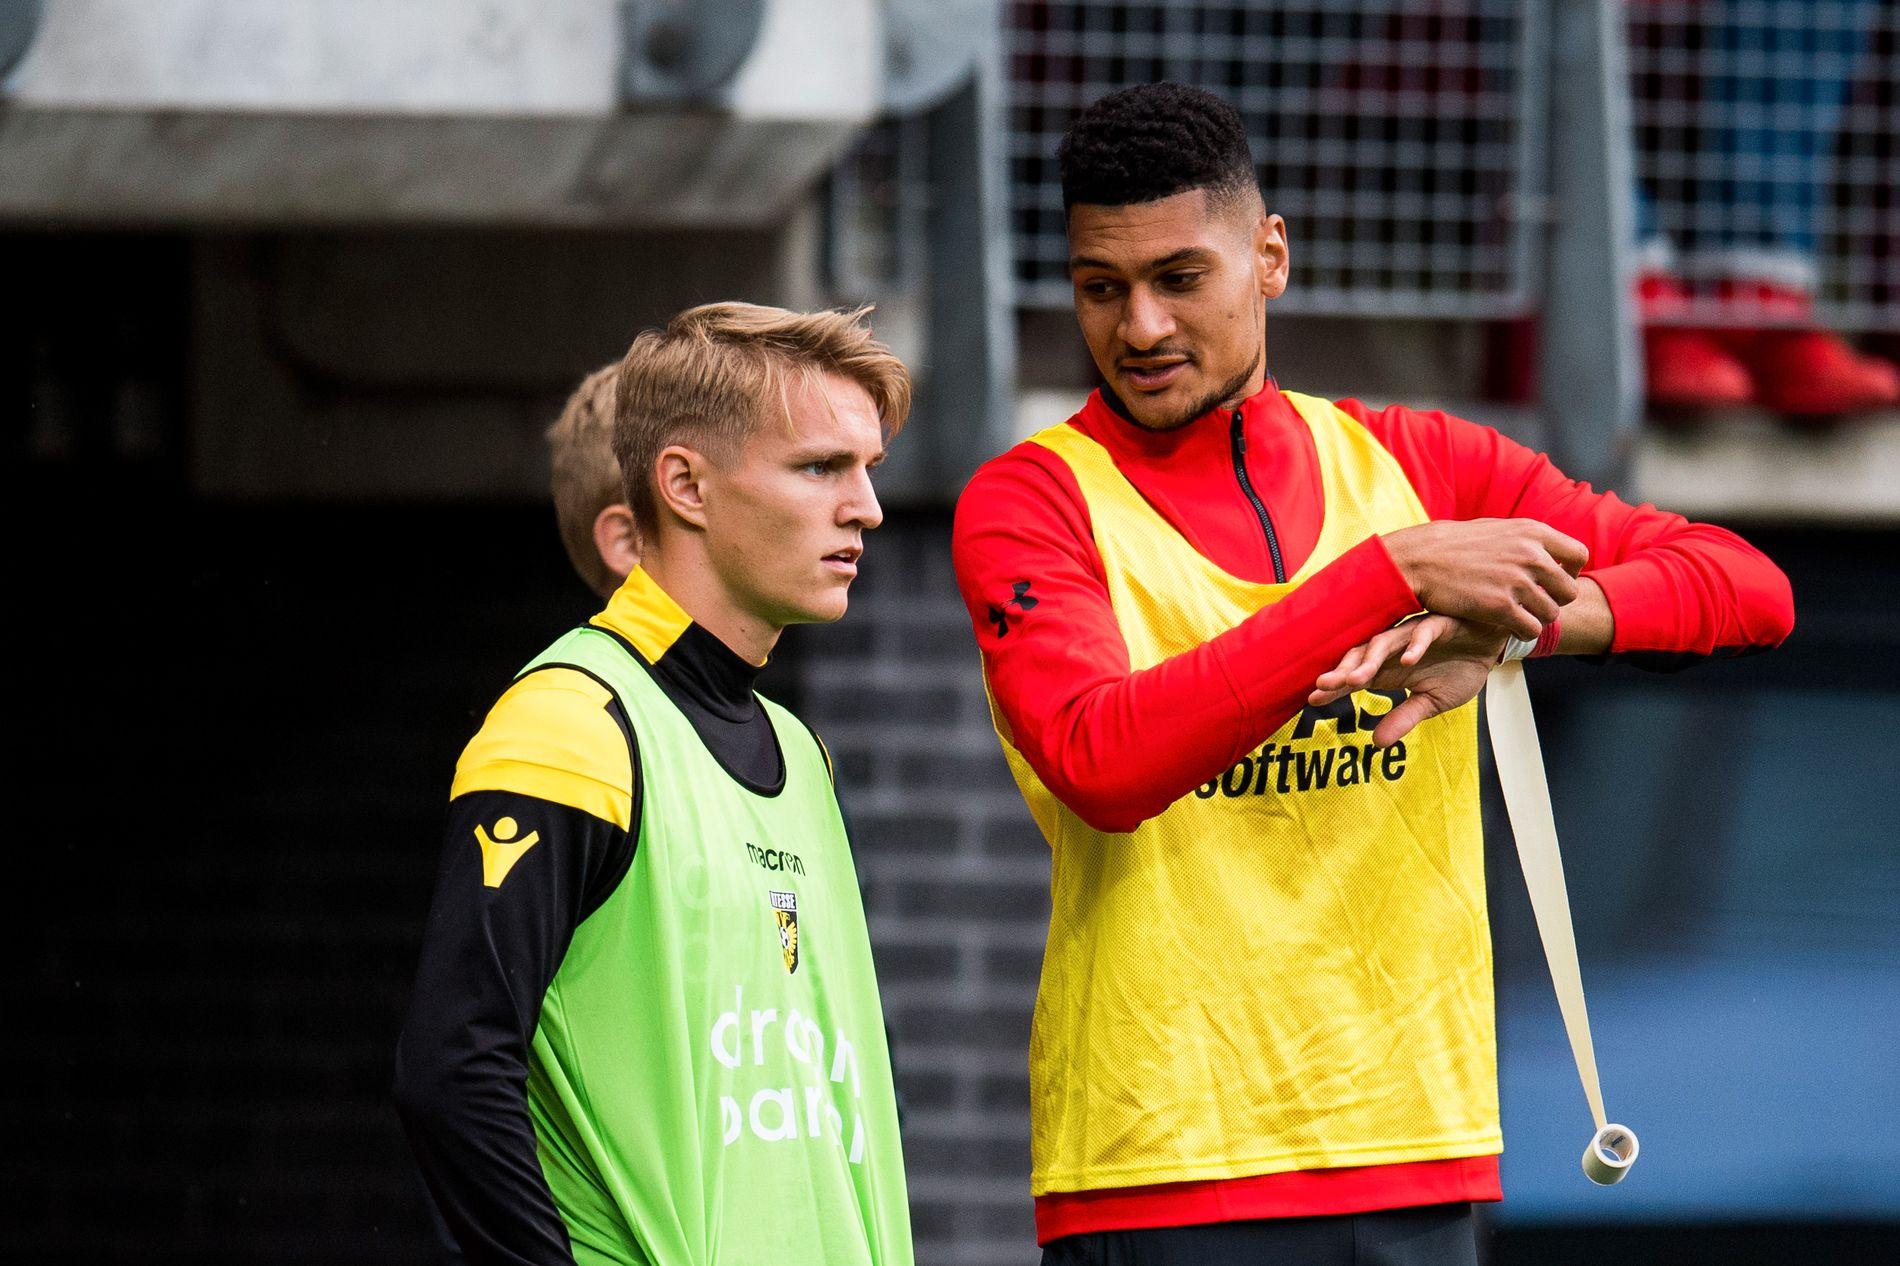 LANDSLAGSKOLLEGER: Bjørn Maars Johnsen (til høyre) varmer opp sammen med Martin Ødegaard under kampen mellom AZ og Vitesse sist helg.